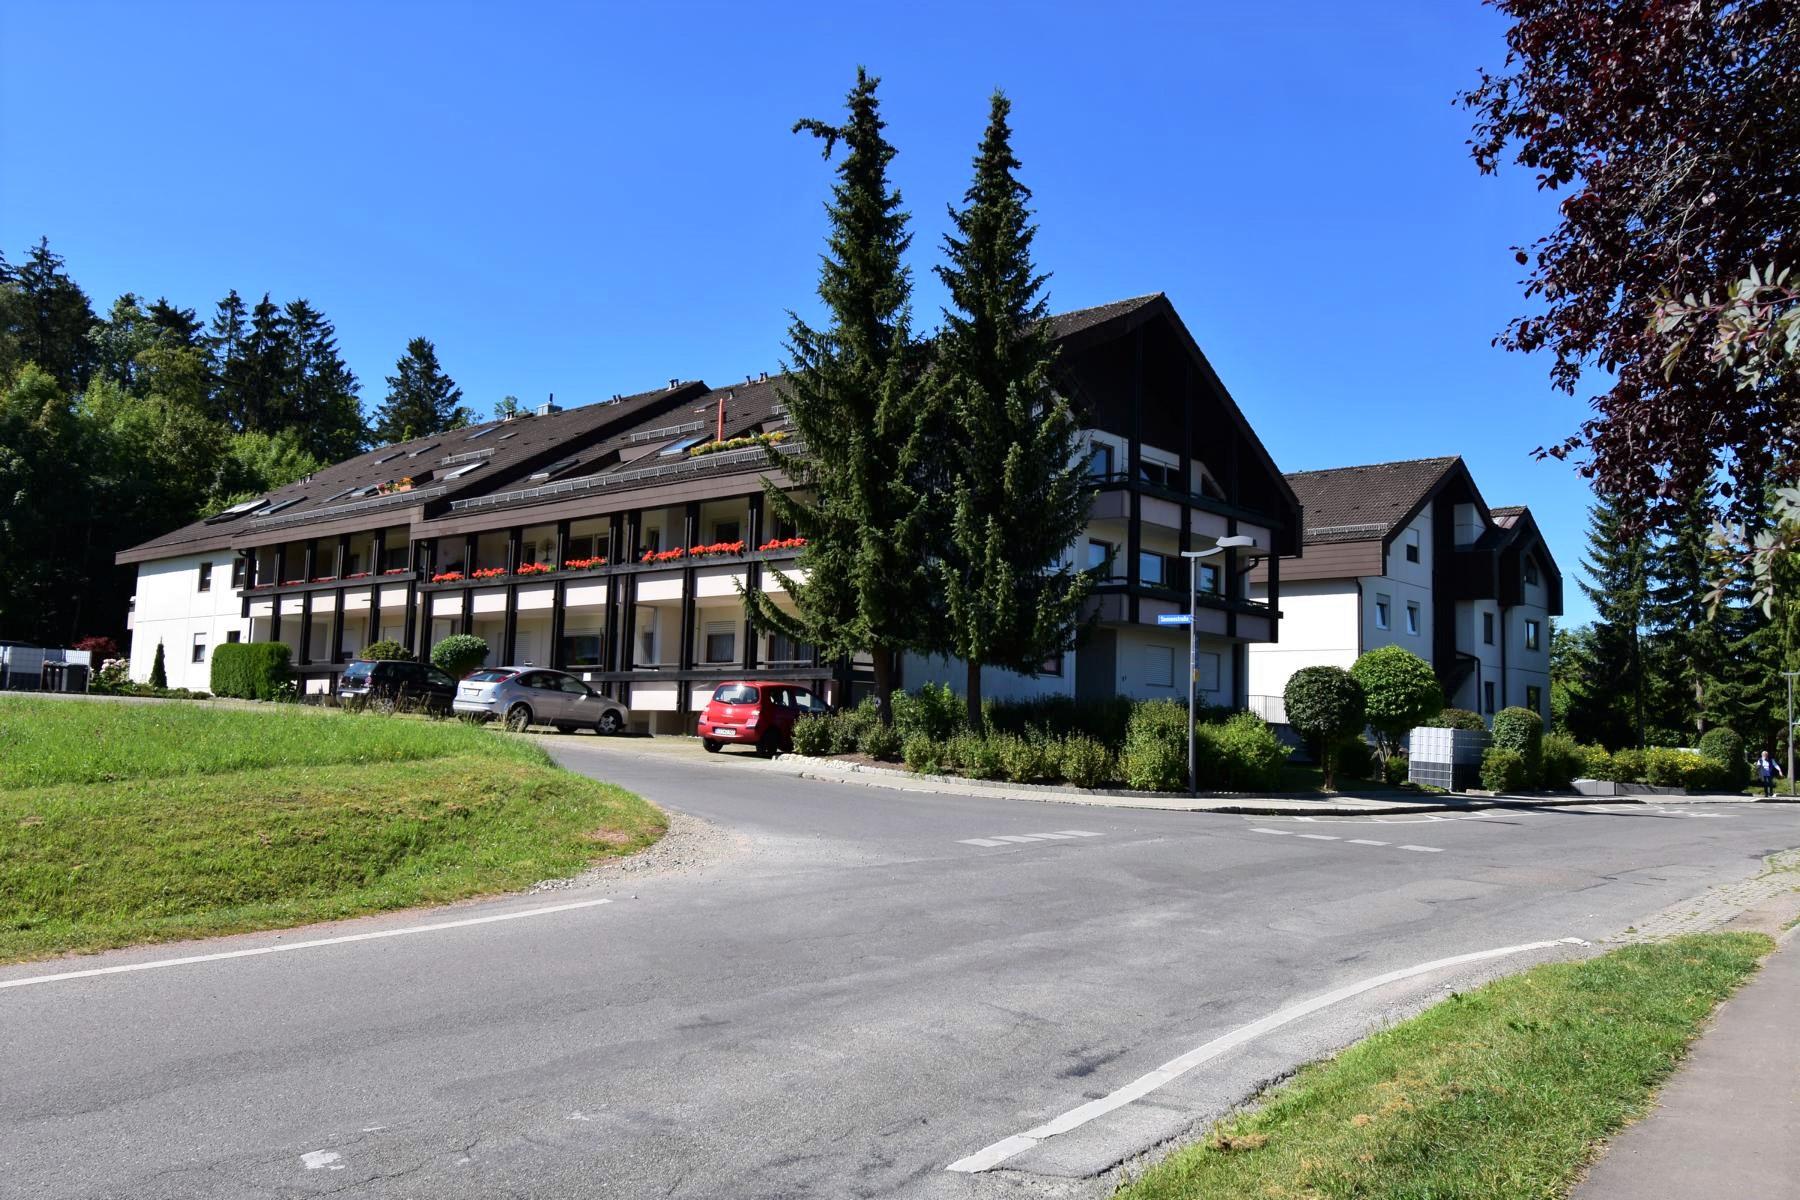 Tolle Aussichten! 2,5 Zimmer-Eigentumswohnung mit großer Balkon-Terrasse und TG-Stellplatz